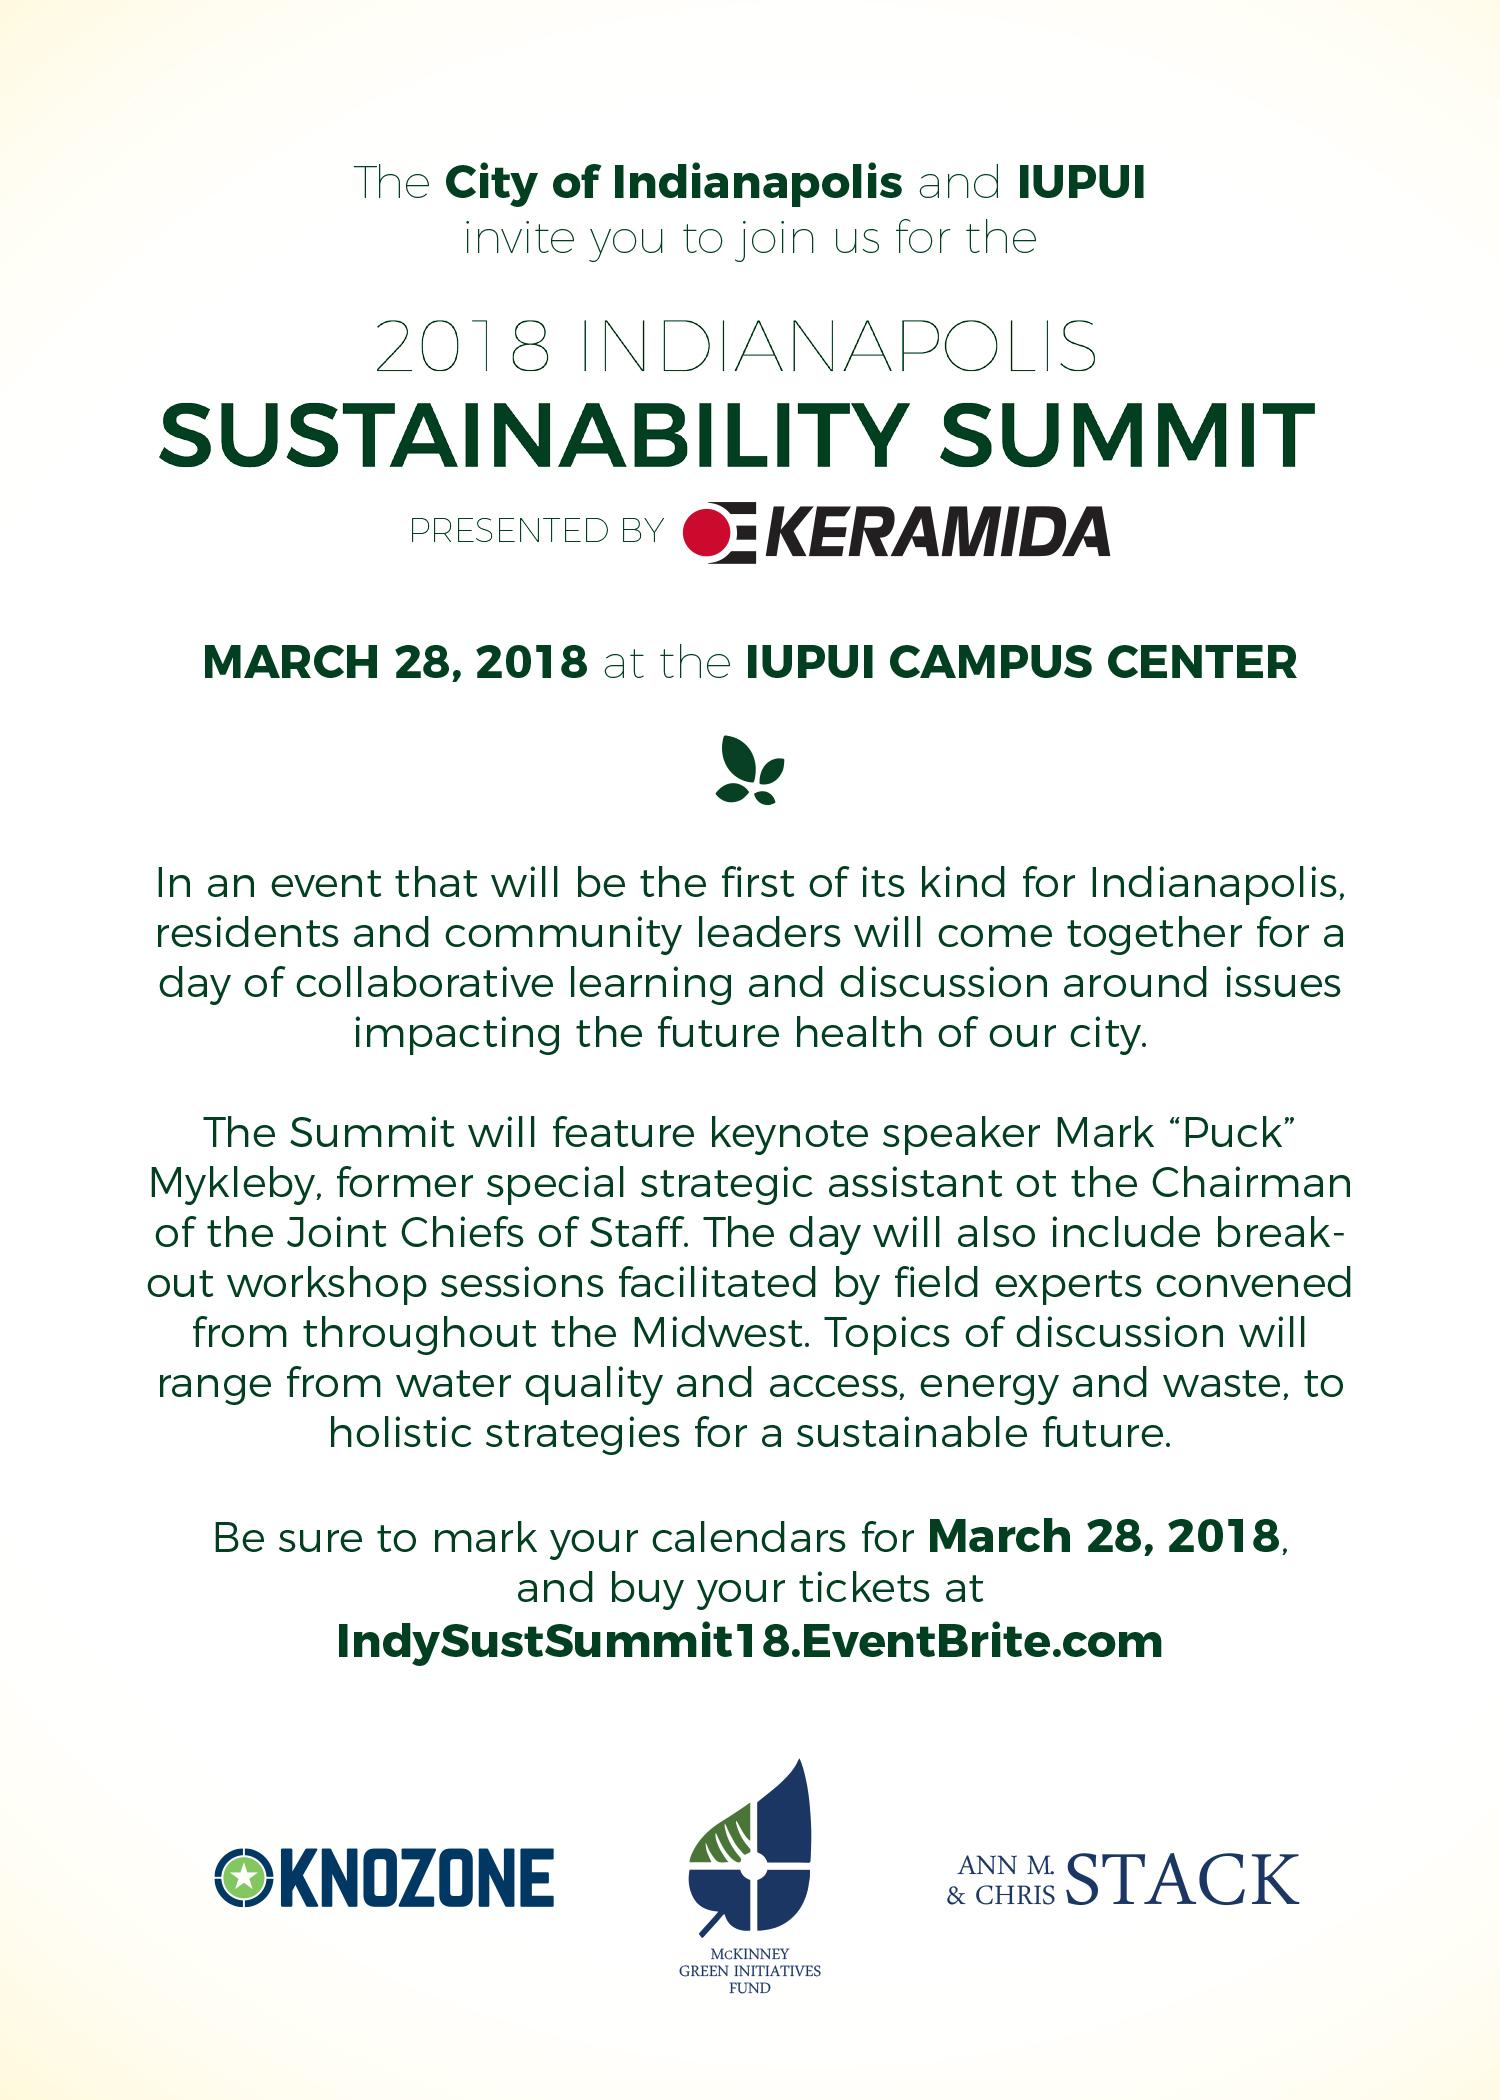 2018-Indianapolis-Sustainability-Summit.jpg